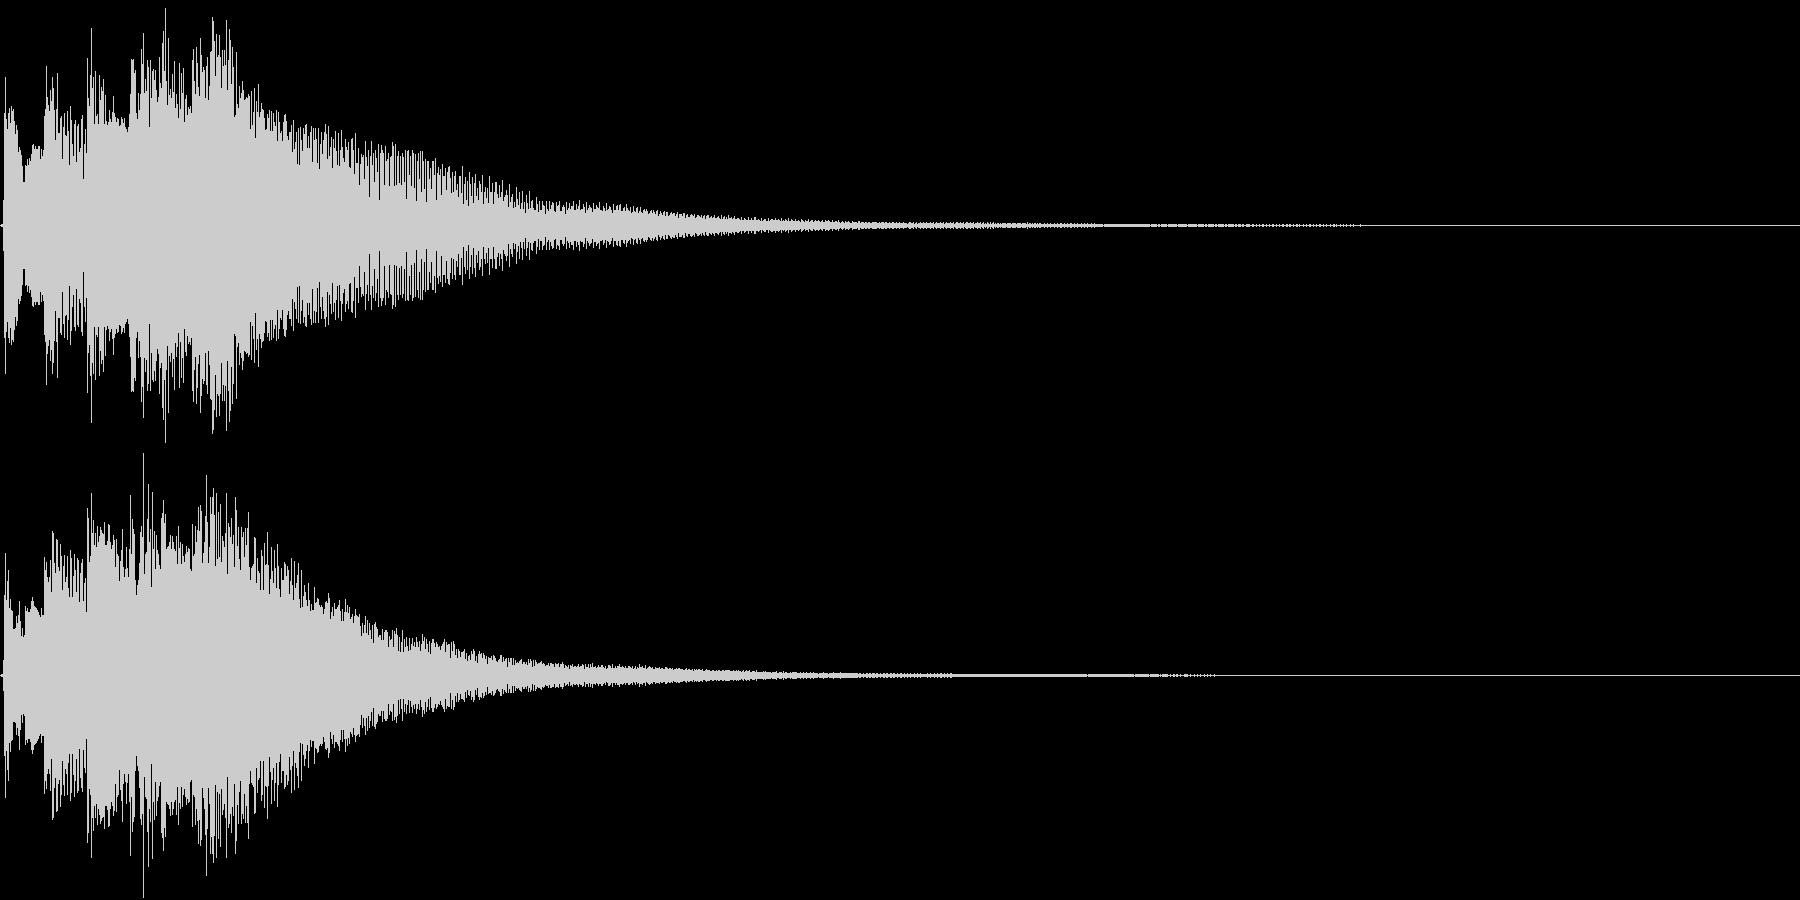 和風 箏(琴)下がっていく音1の未再生の波形